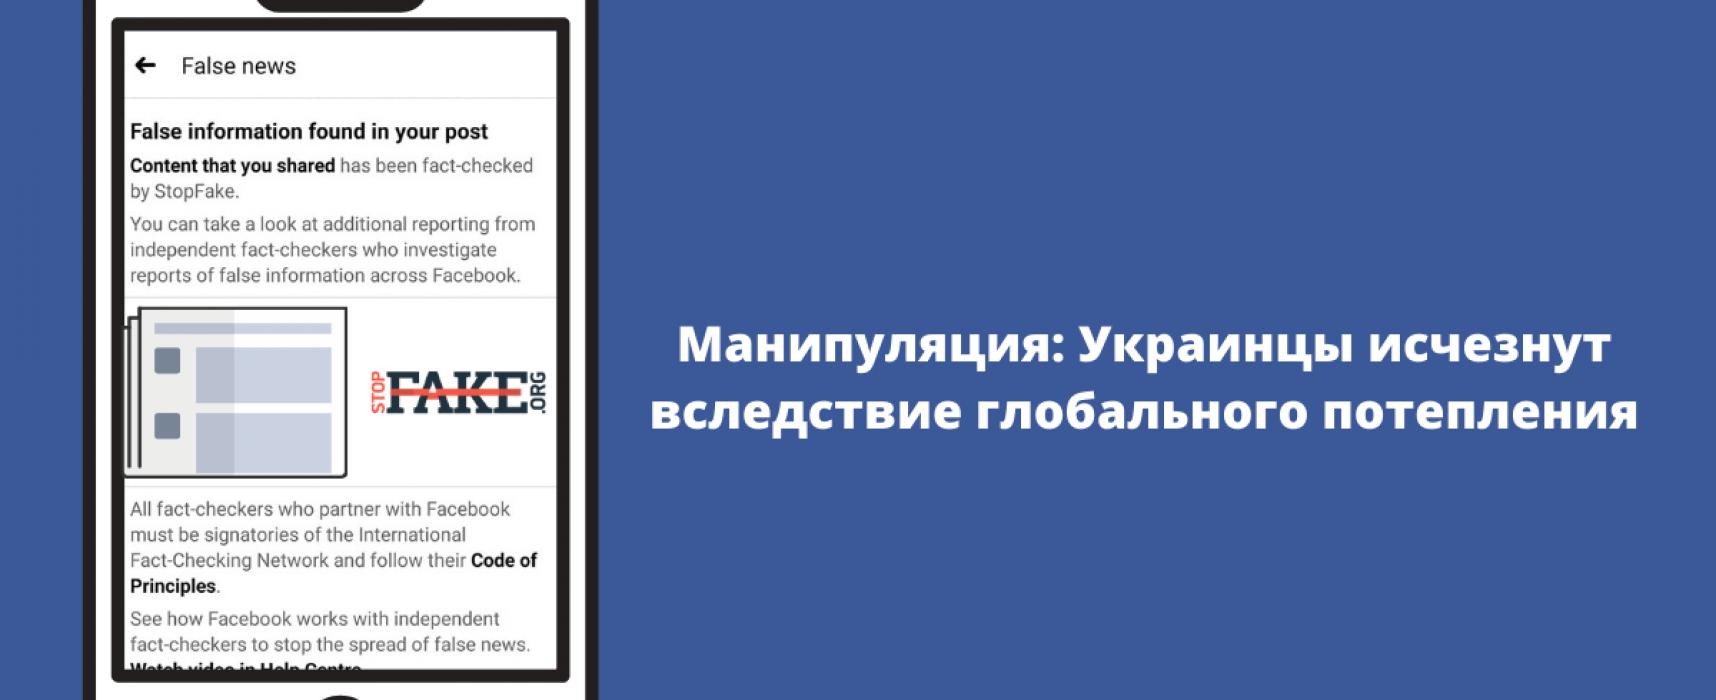 Манипуляция: Украинцы исчезнут вследствие глобального потепления